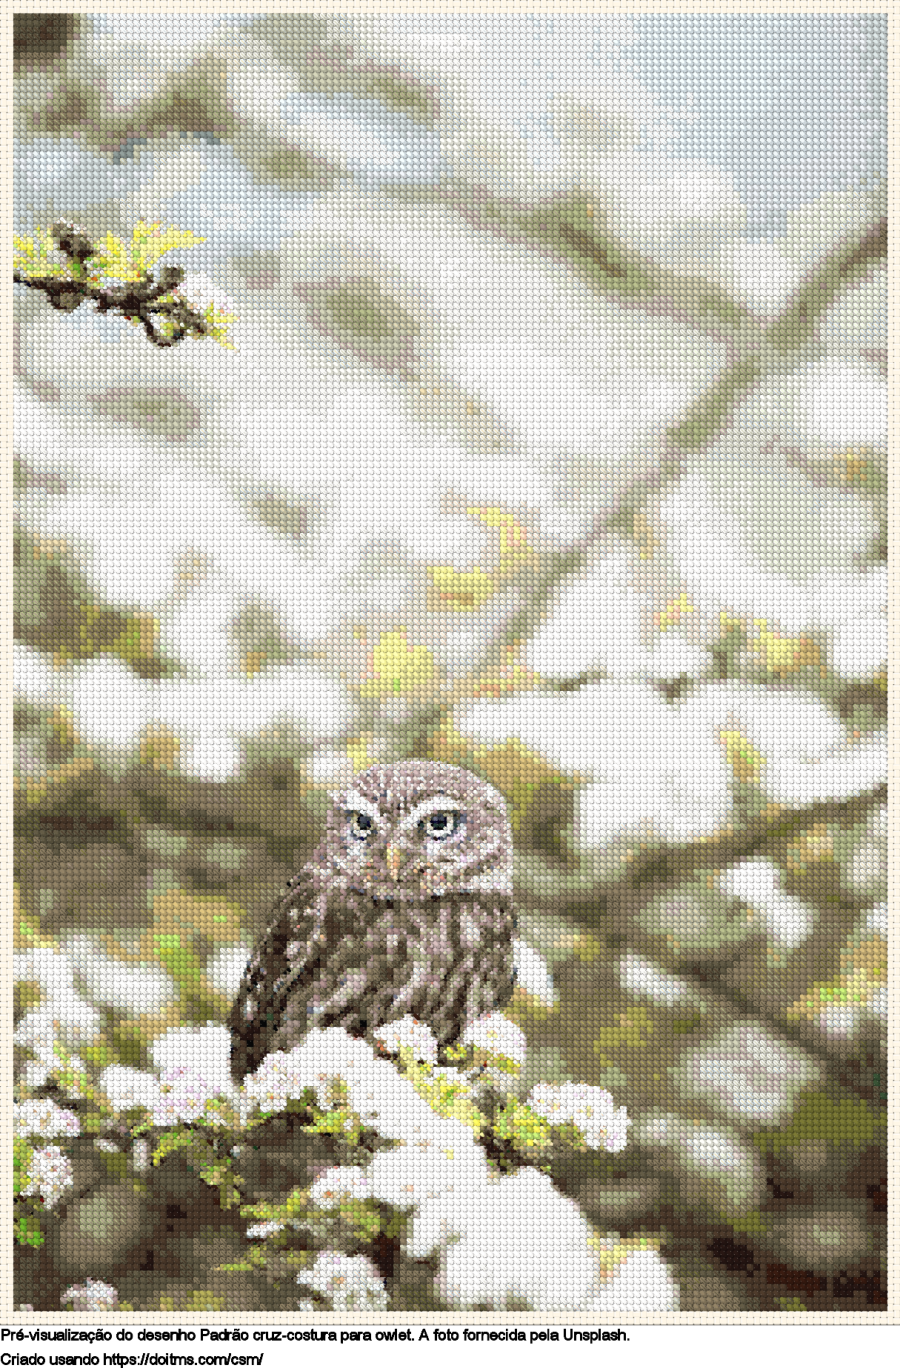 Desenhos owlet de ponto-cruz gratuitos